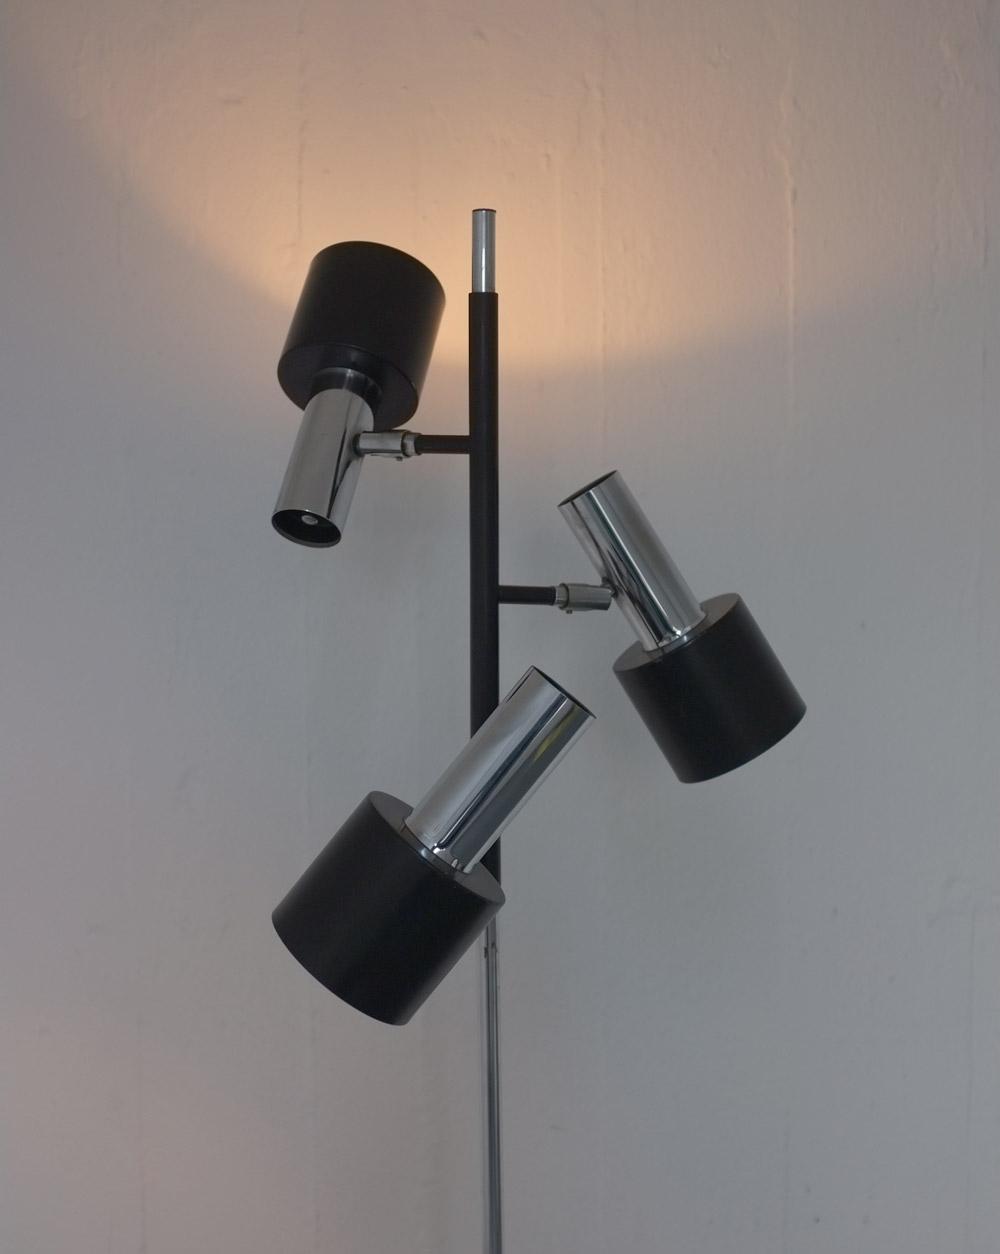 Lamp 1960 Novelty Lighting : 1960s Dutch floor lamp Modern Room - 20th Century Design